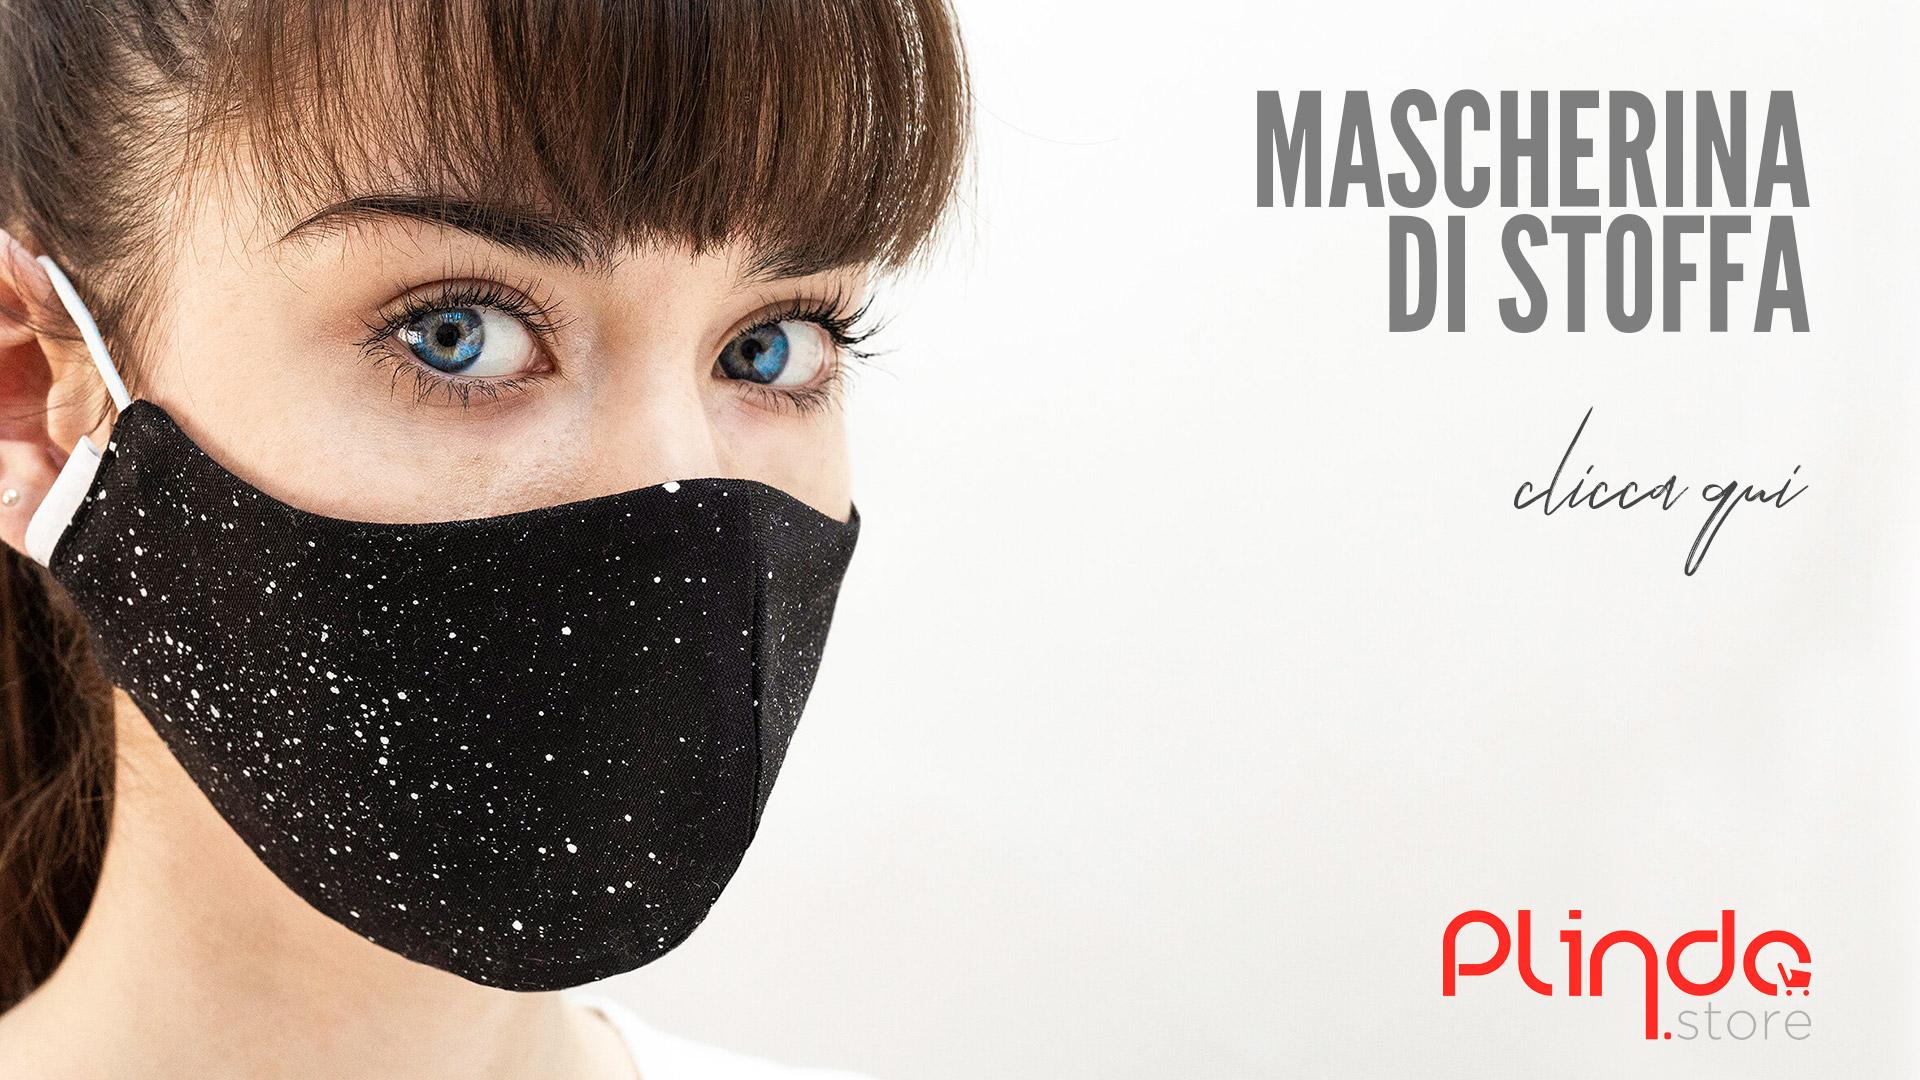 Mascherina stoffa realizzate a mano acquisto online